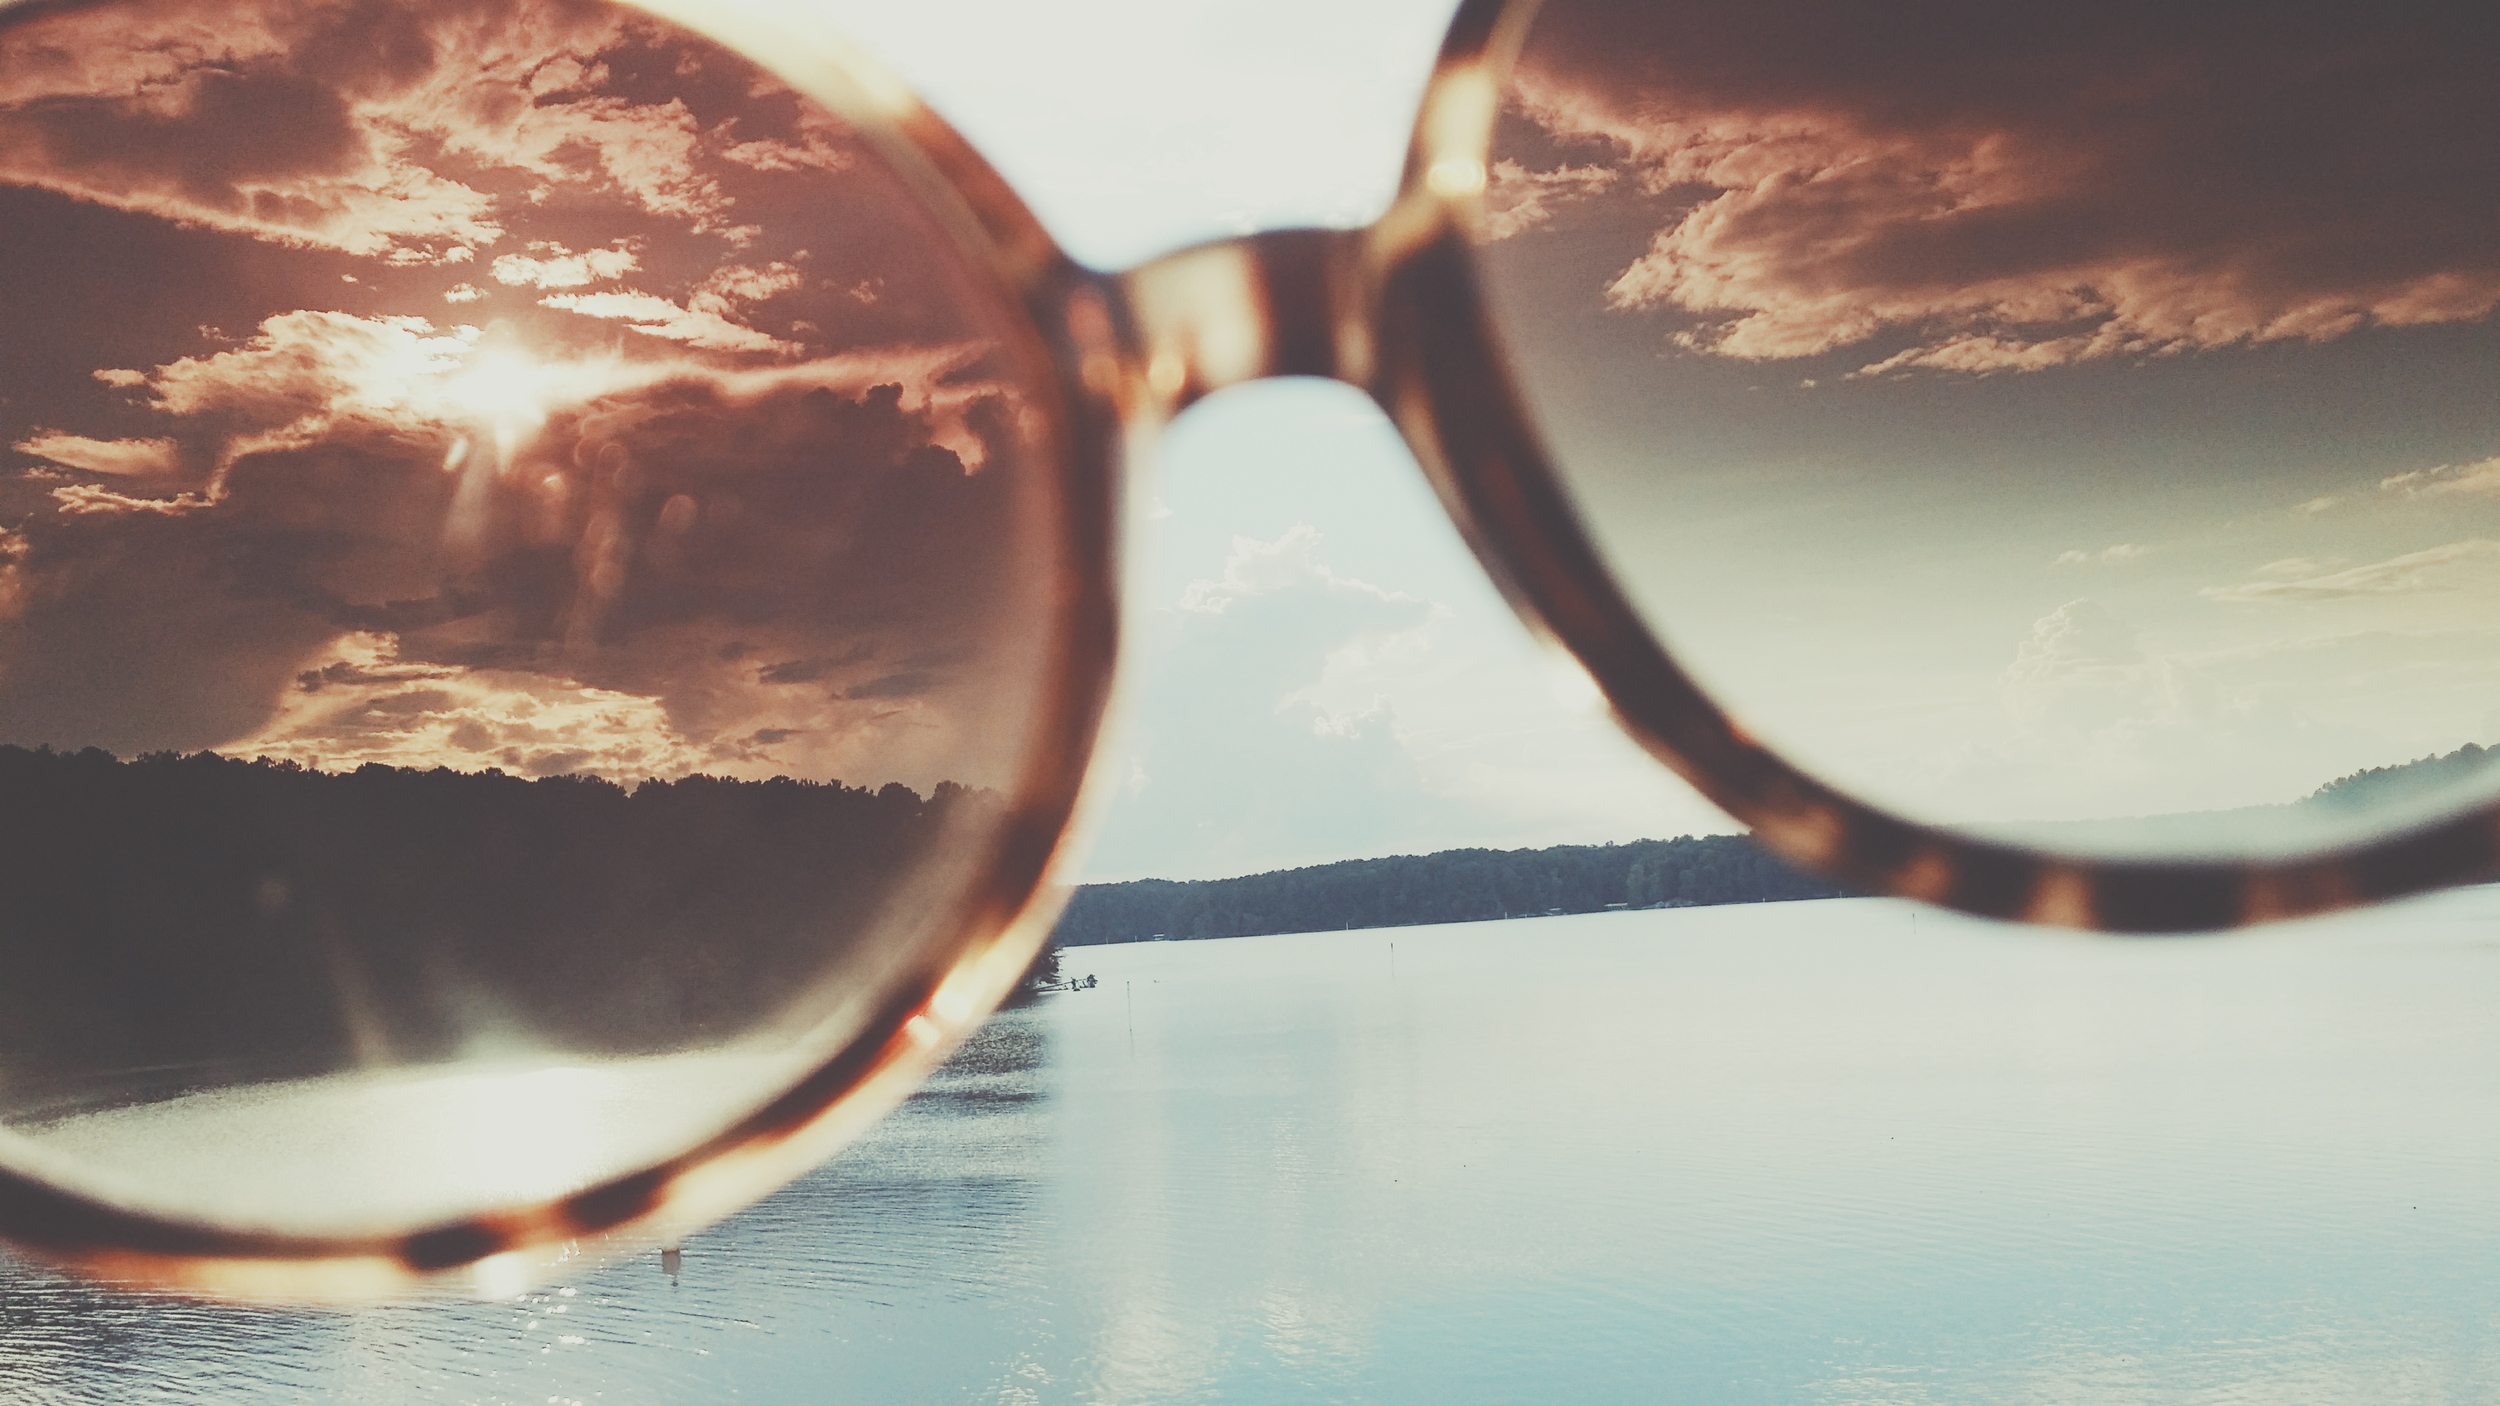 sunglasses at the lake